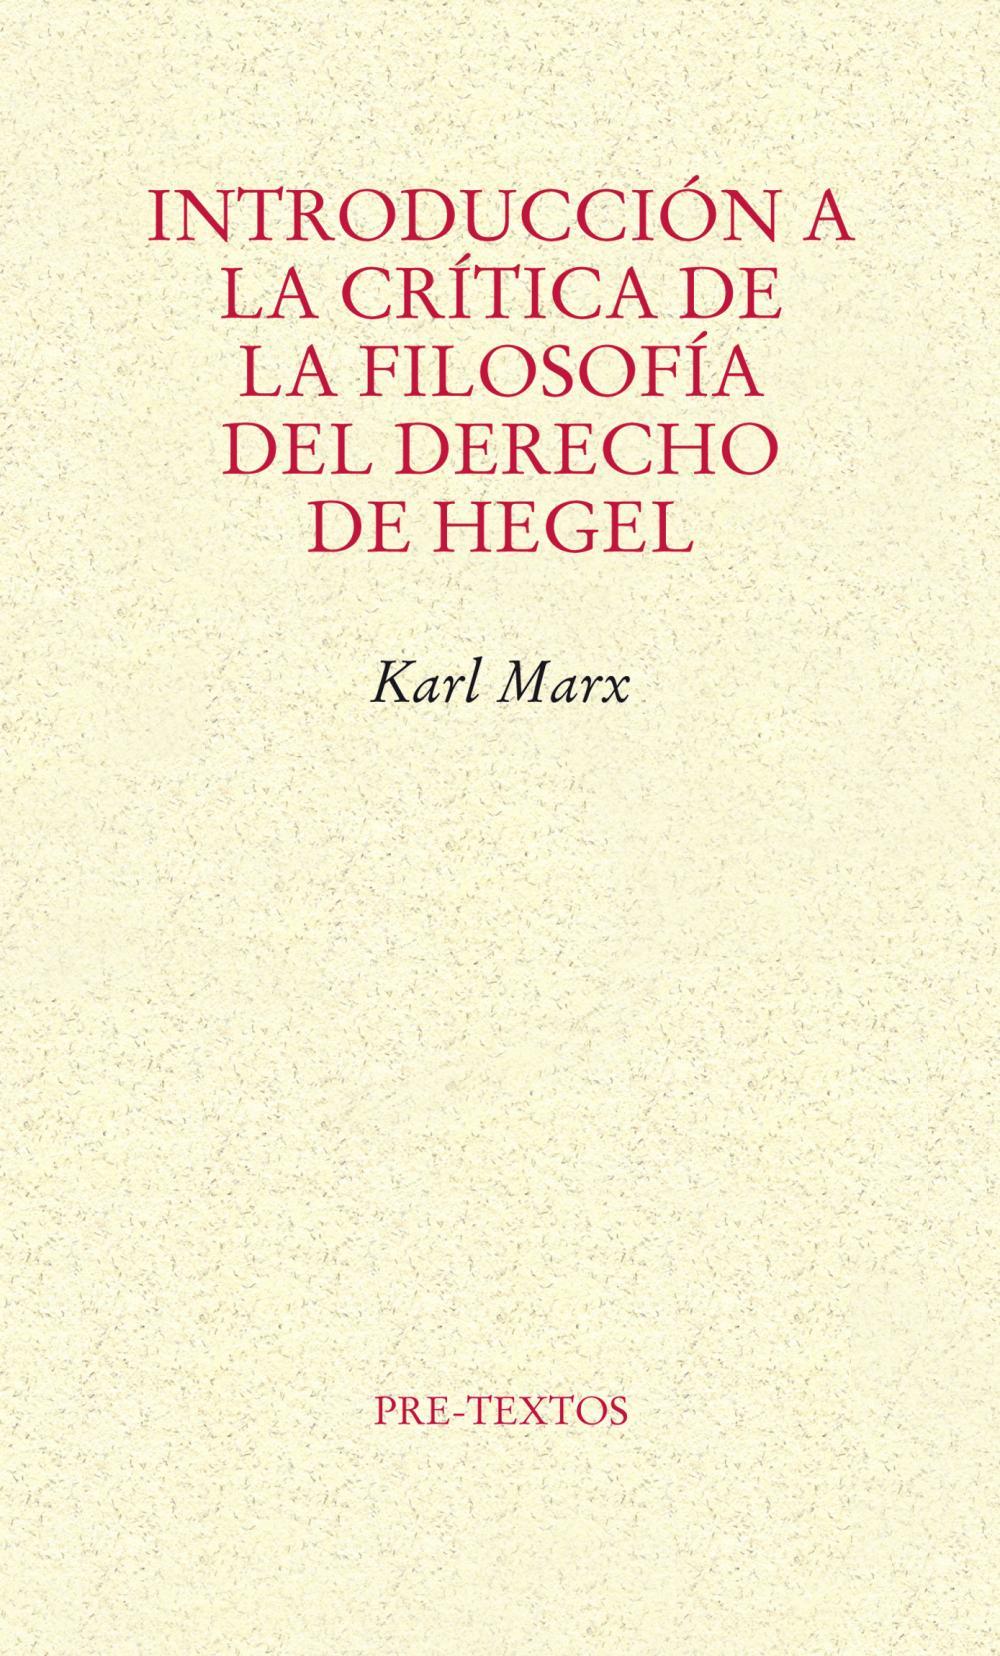 Introducción a la crítica de la filosofía del derecho de Hegel